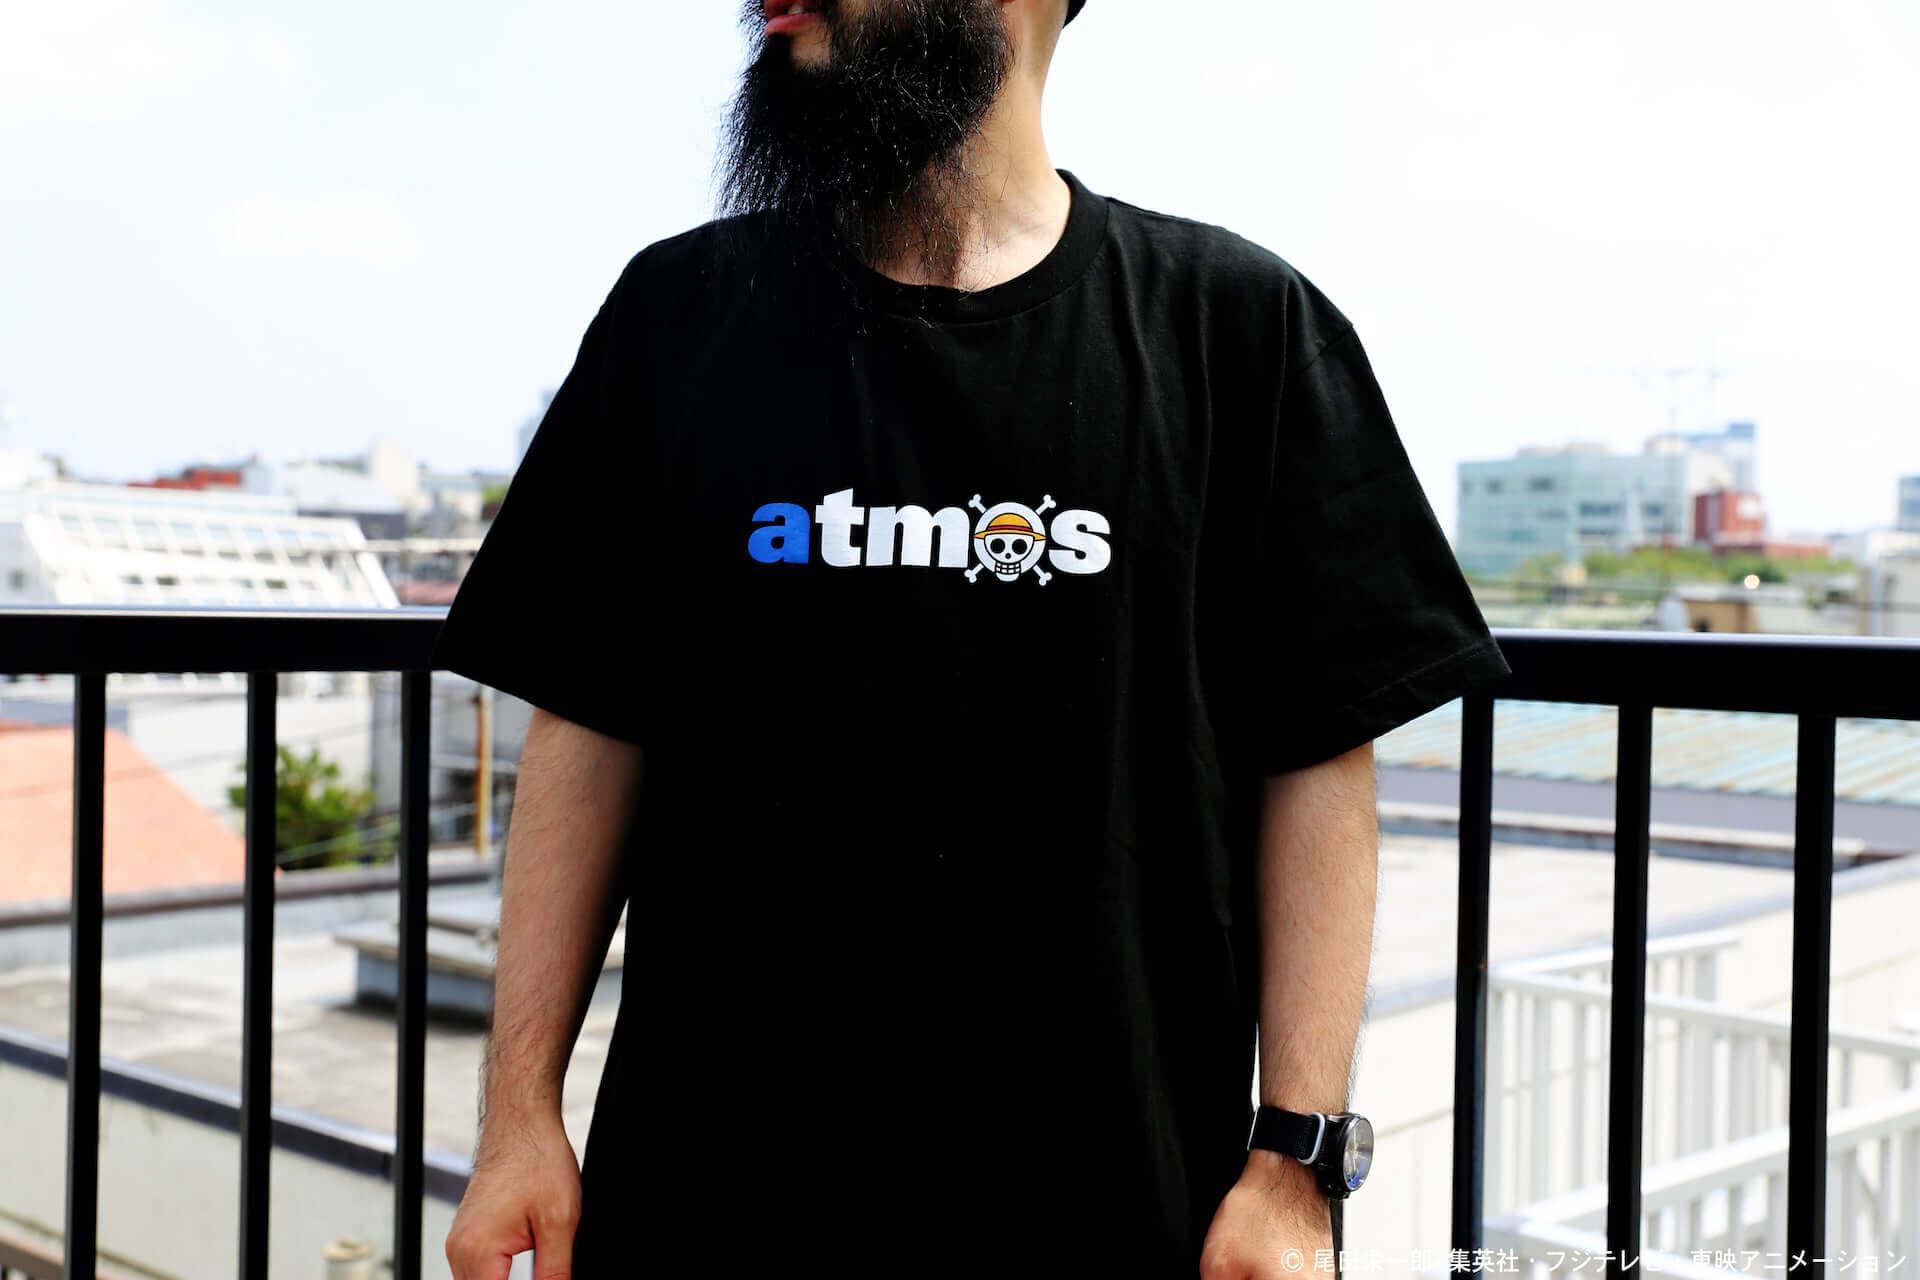 ルフィが手にするのはatmosのスニーカー!?atmos×『ONE PIECE』コラボアイテムが登場 lifefashion190802onepiece-atmos_3-1920x1280